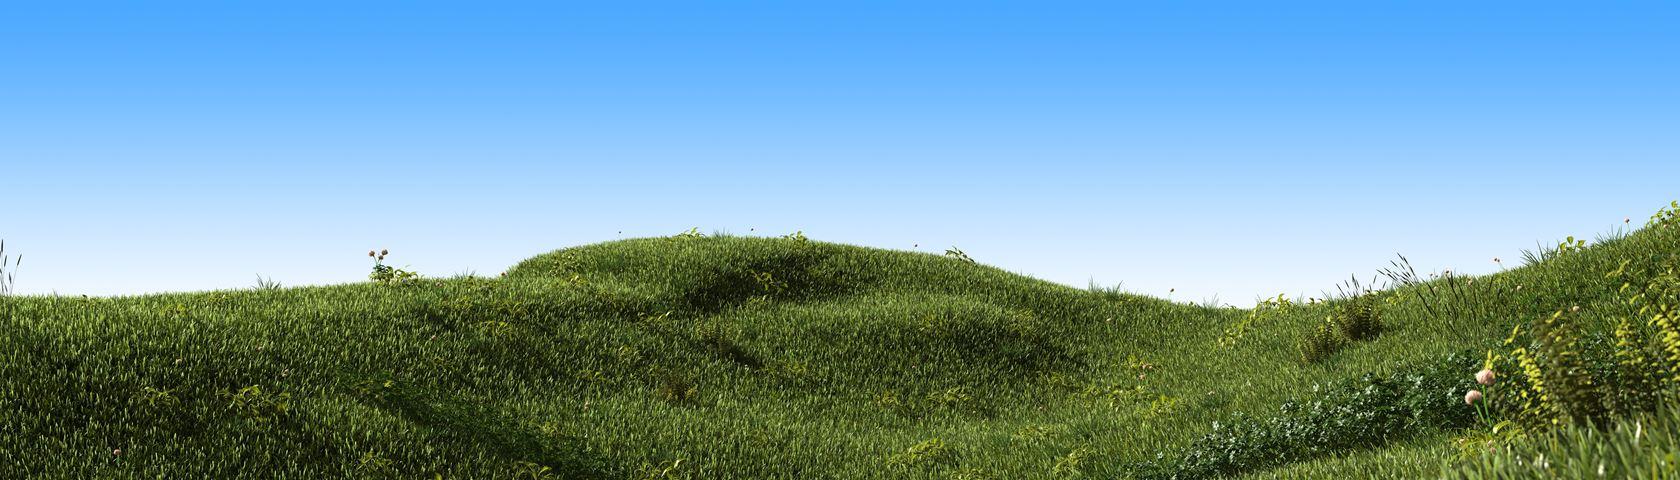 Grass field blue sky